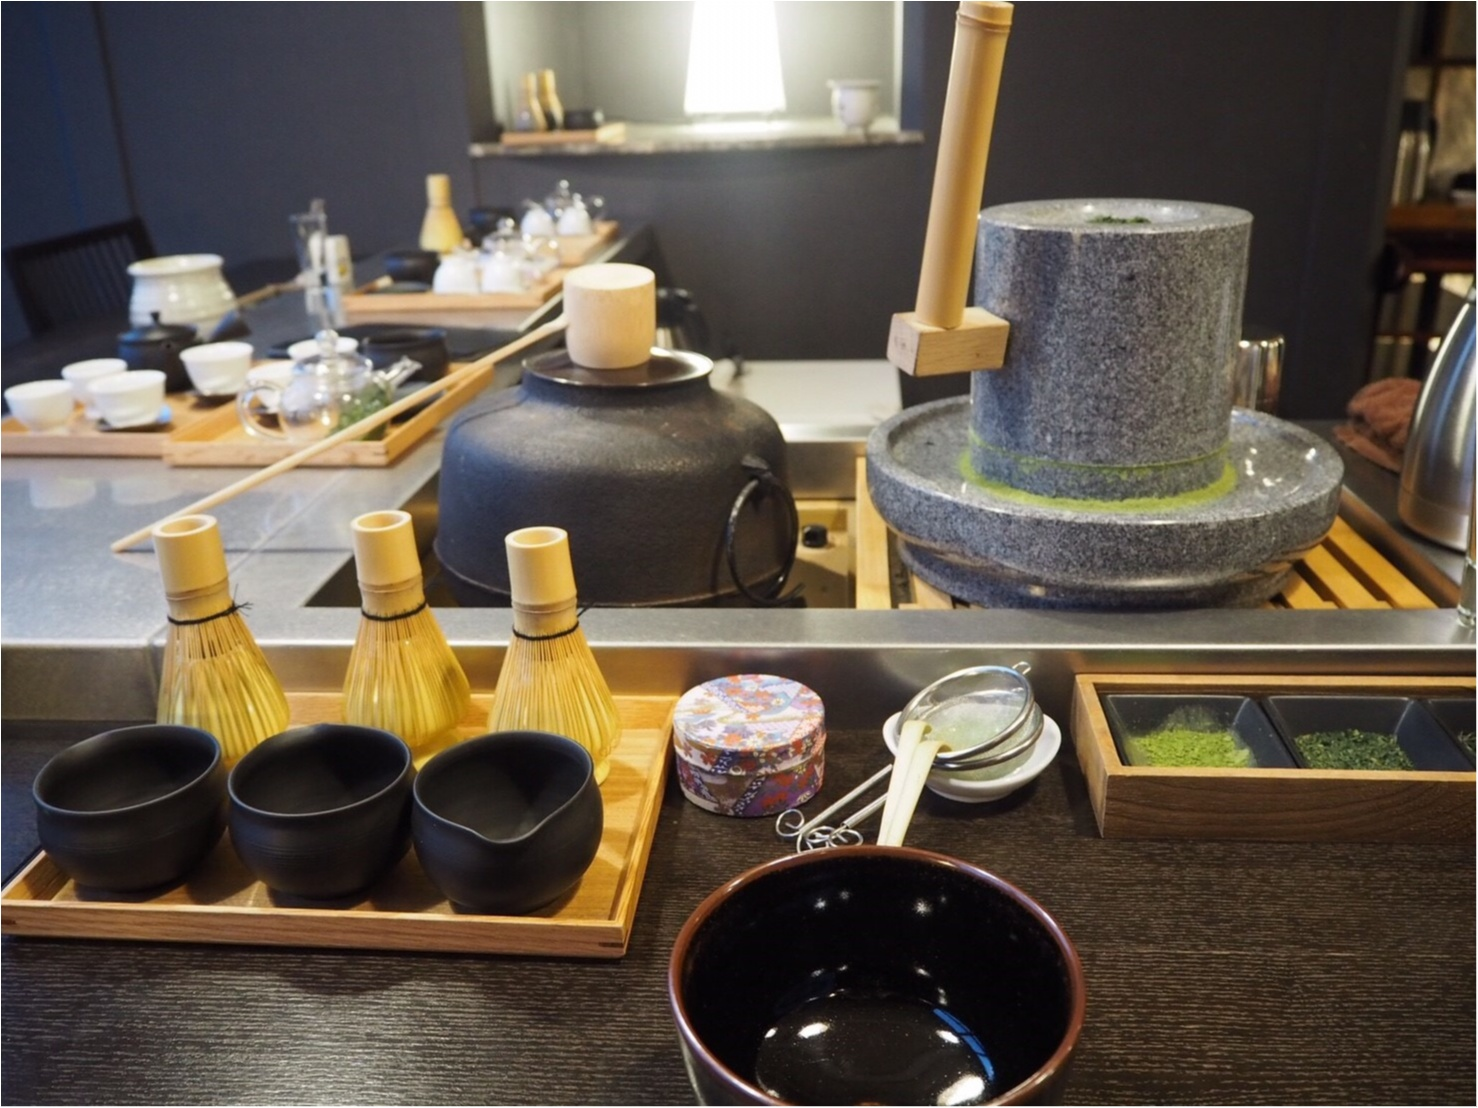 宿泊者は無料で楽しめる♡【碾茶(てんちゃ)と抹茶体験 】で浜松のお茶を堪能~♡【星野リゾート 界 遠州】_2